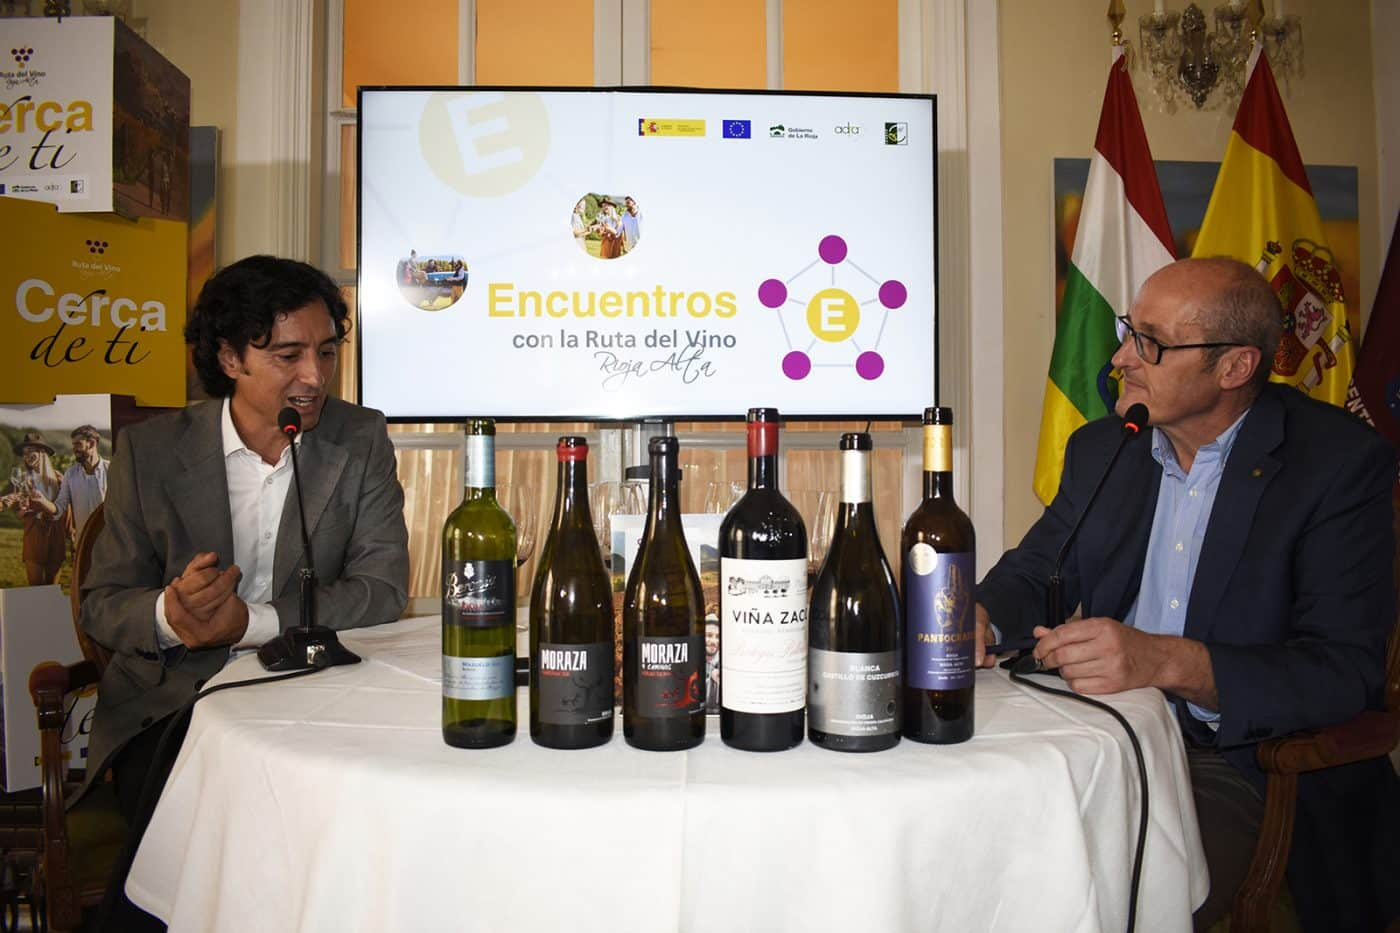 La Ruta del Vino Rioja Alta muestra sus encantos en el Centro Riojano de Madrid 1